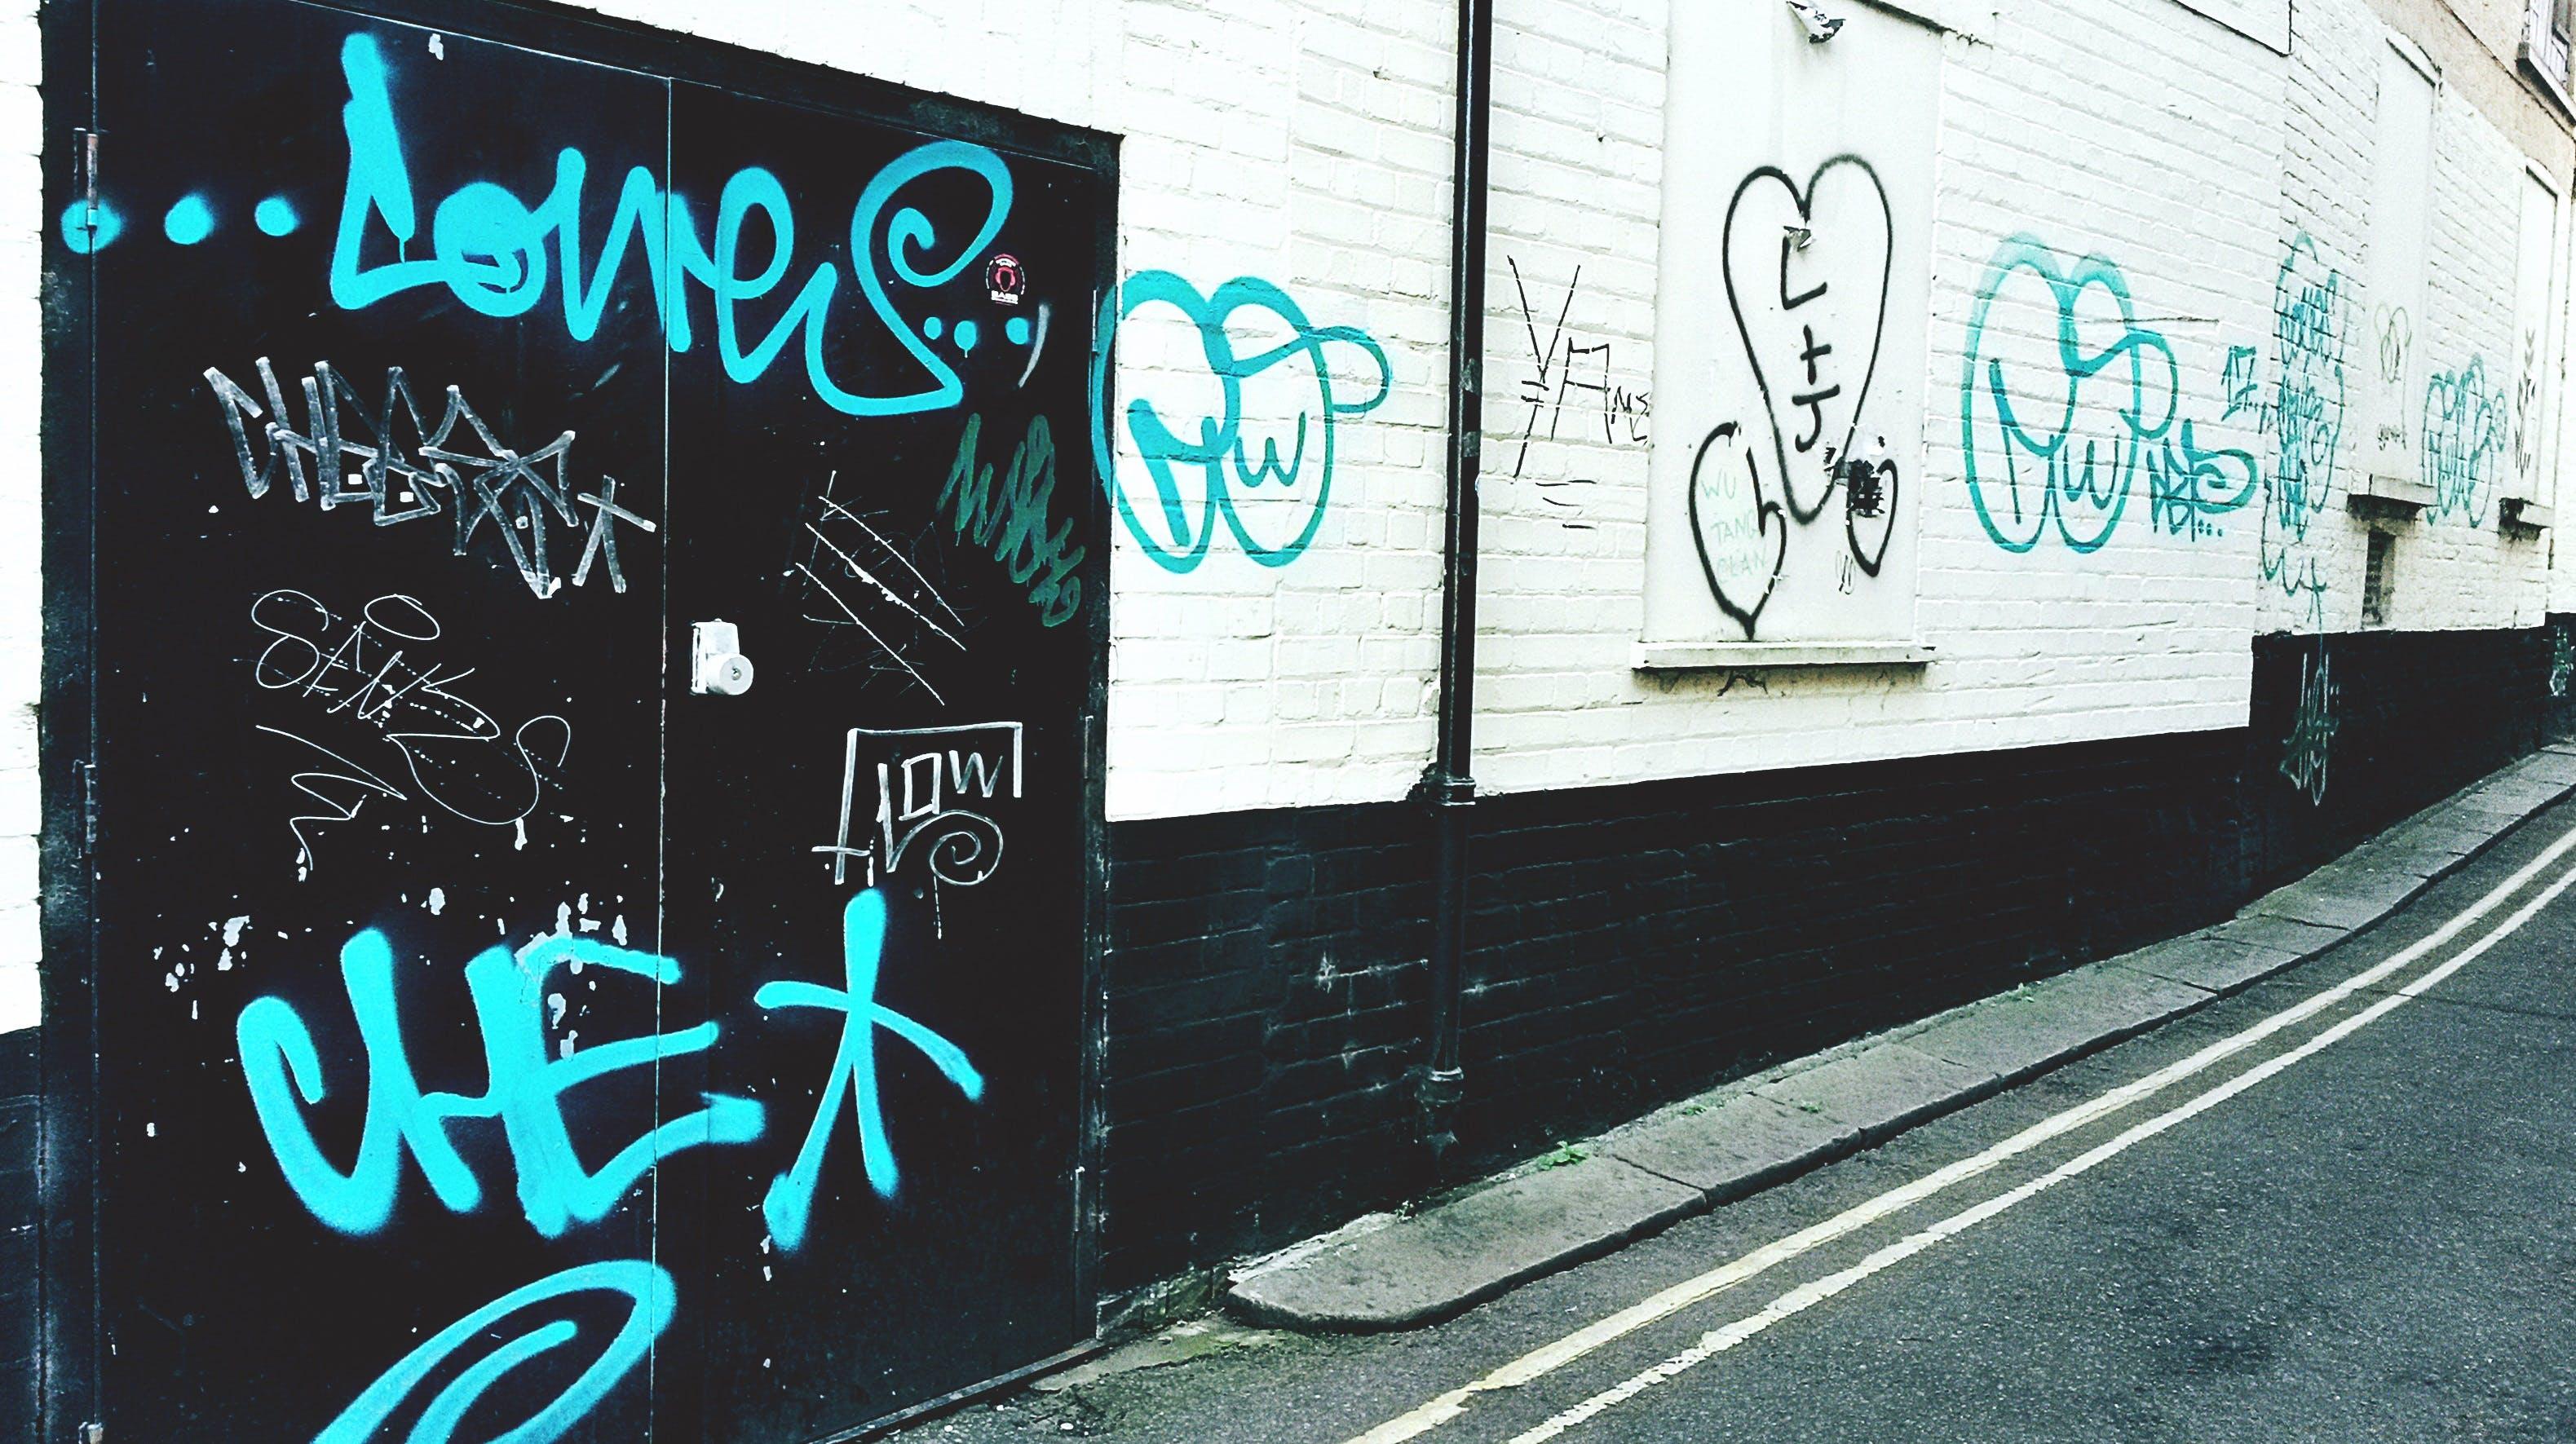 그래피티, 벽, 예술의 무료 스톡 사진